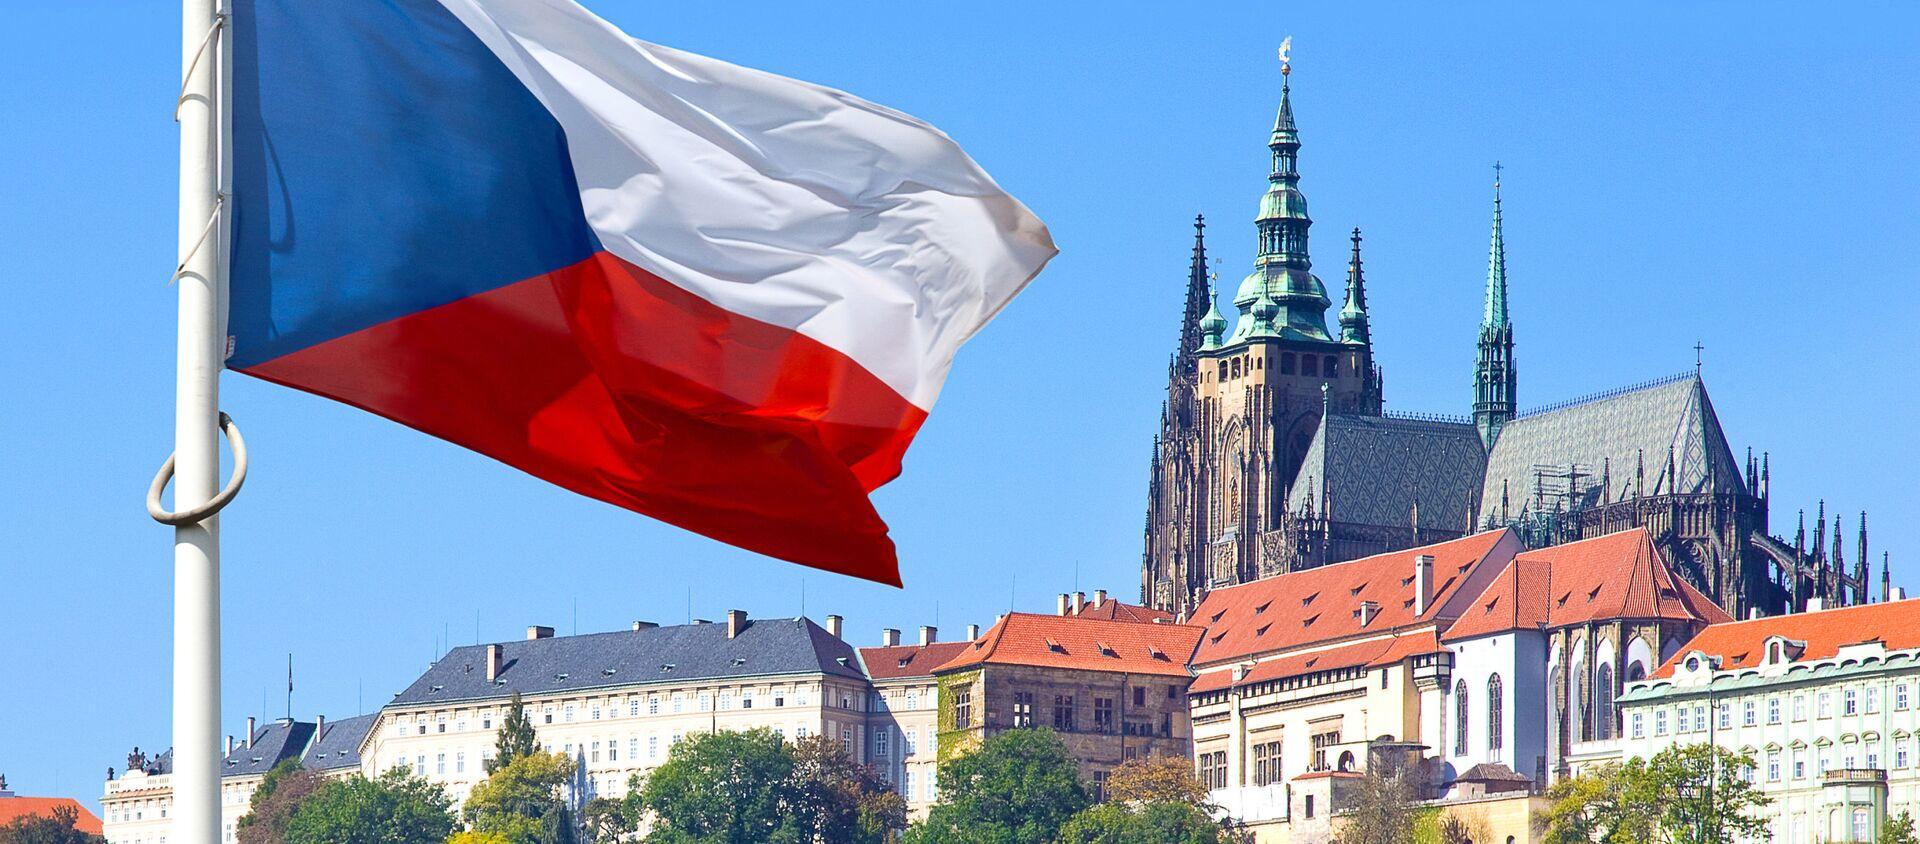 Czeska flaga w historycznym rejonie Pragi - Sputnik Polska, 1920, 26.03.2021